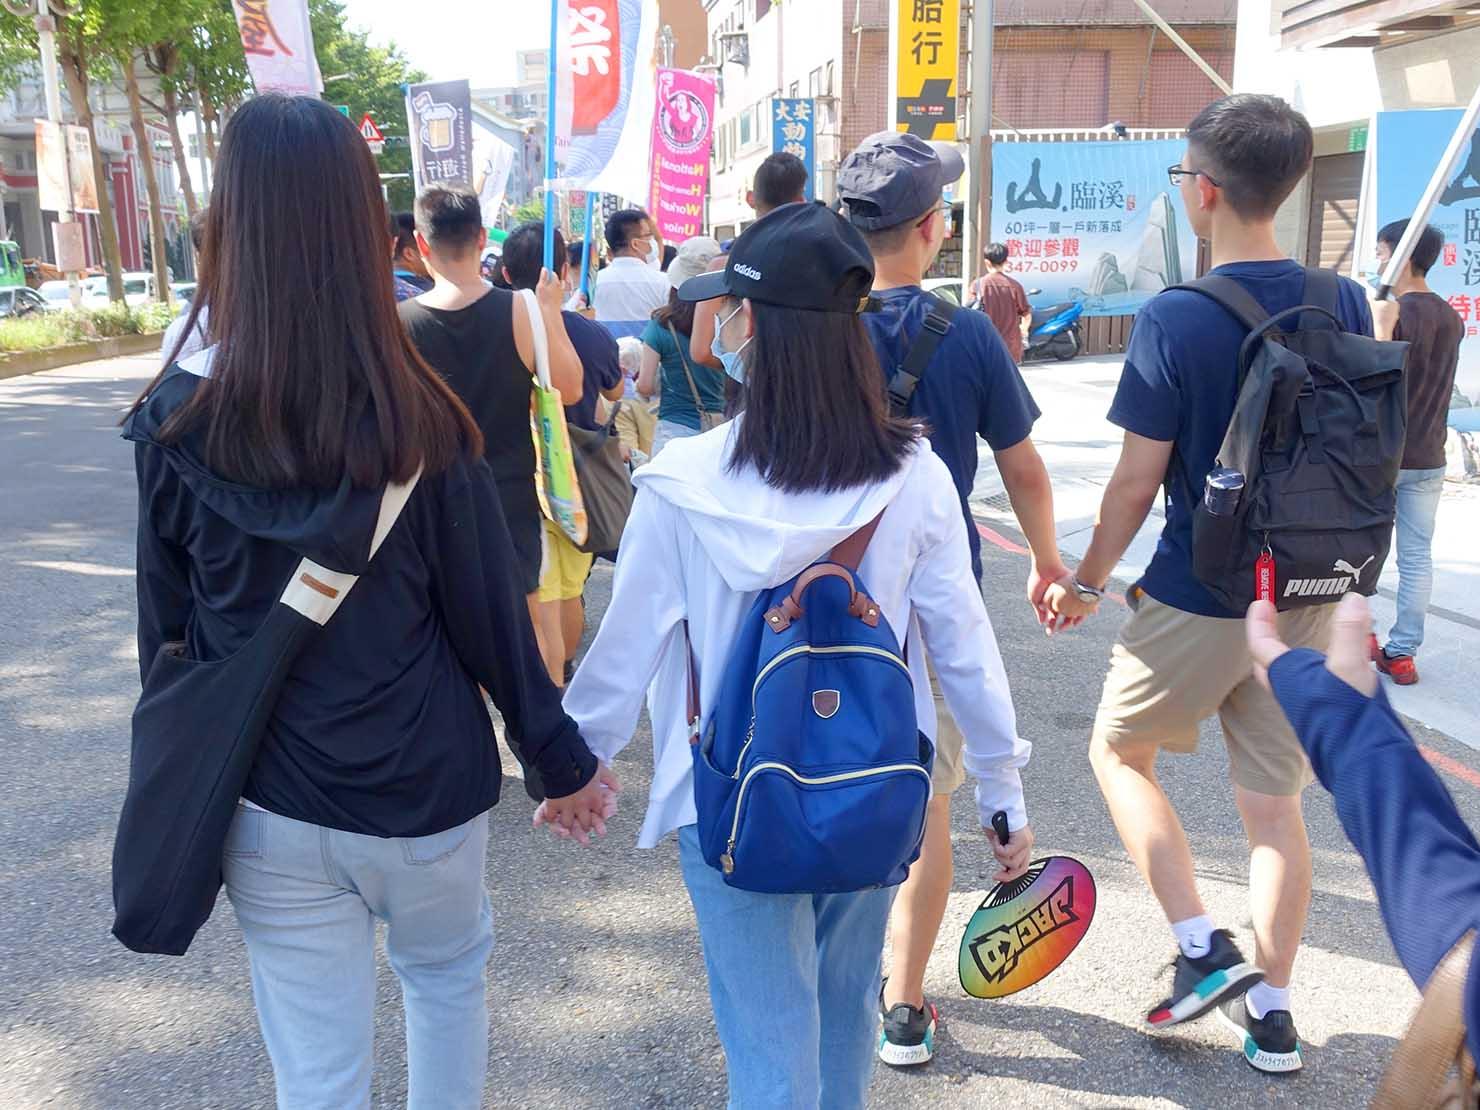 台湾・桃園のLGBTプライド「桃園彩虹野餐日」2020のパレードで手を繋いで歩くカップルたち